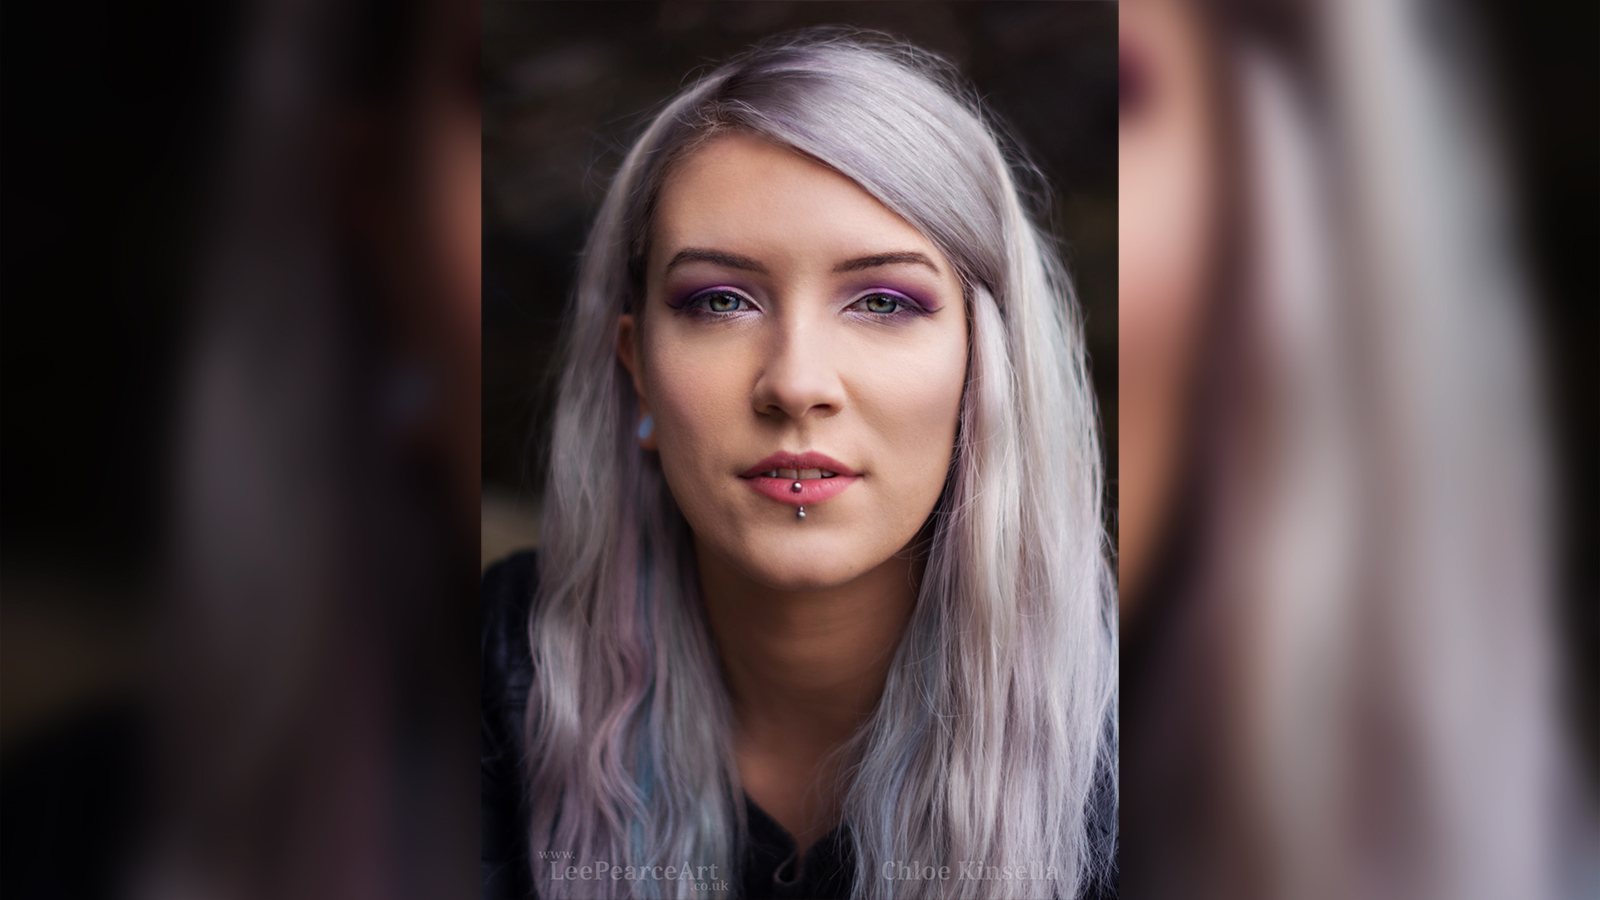 ChloeK2